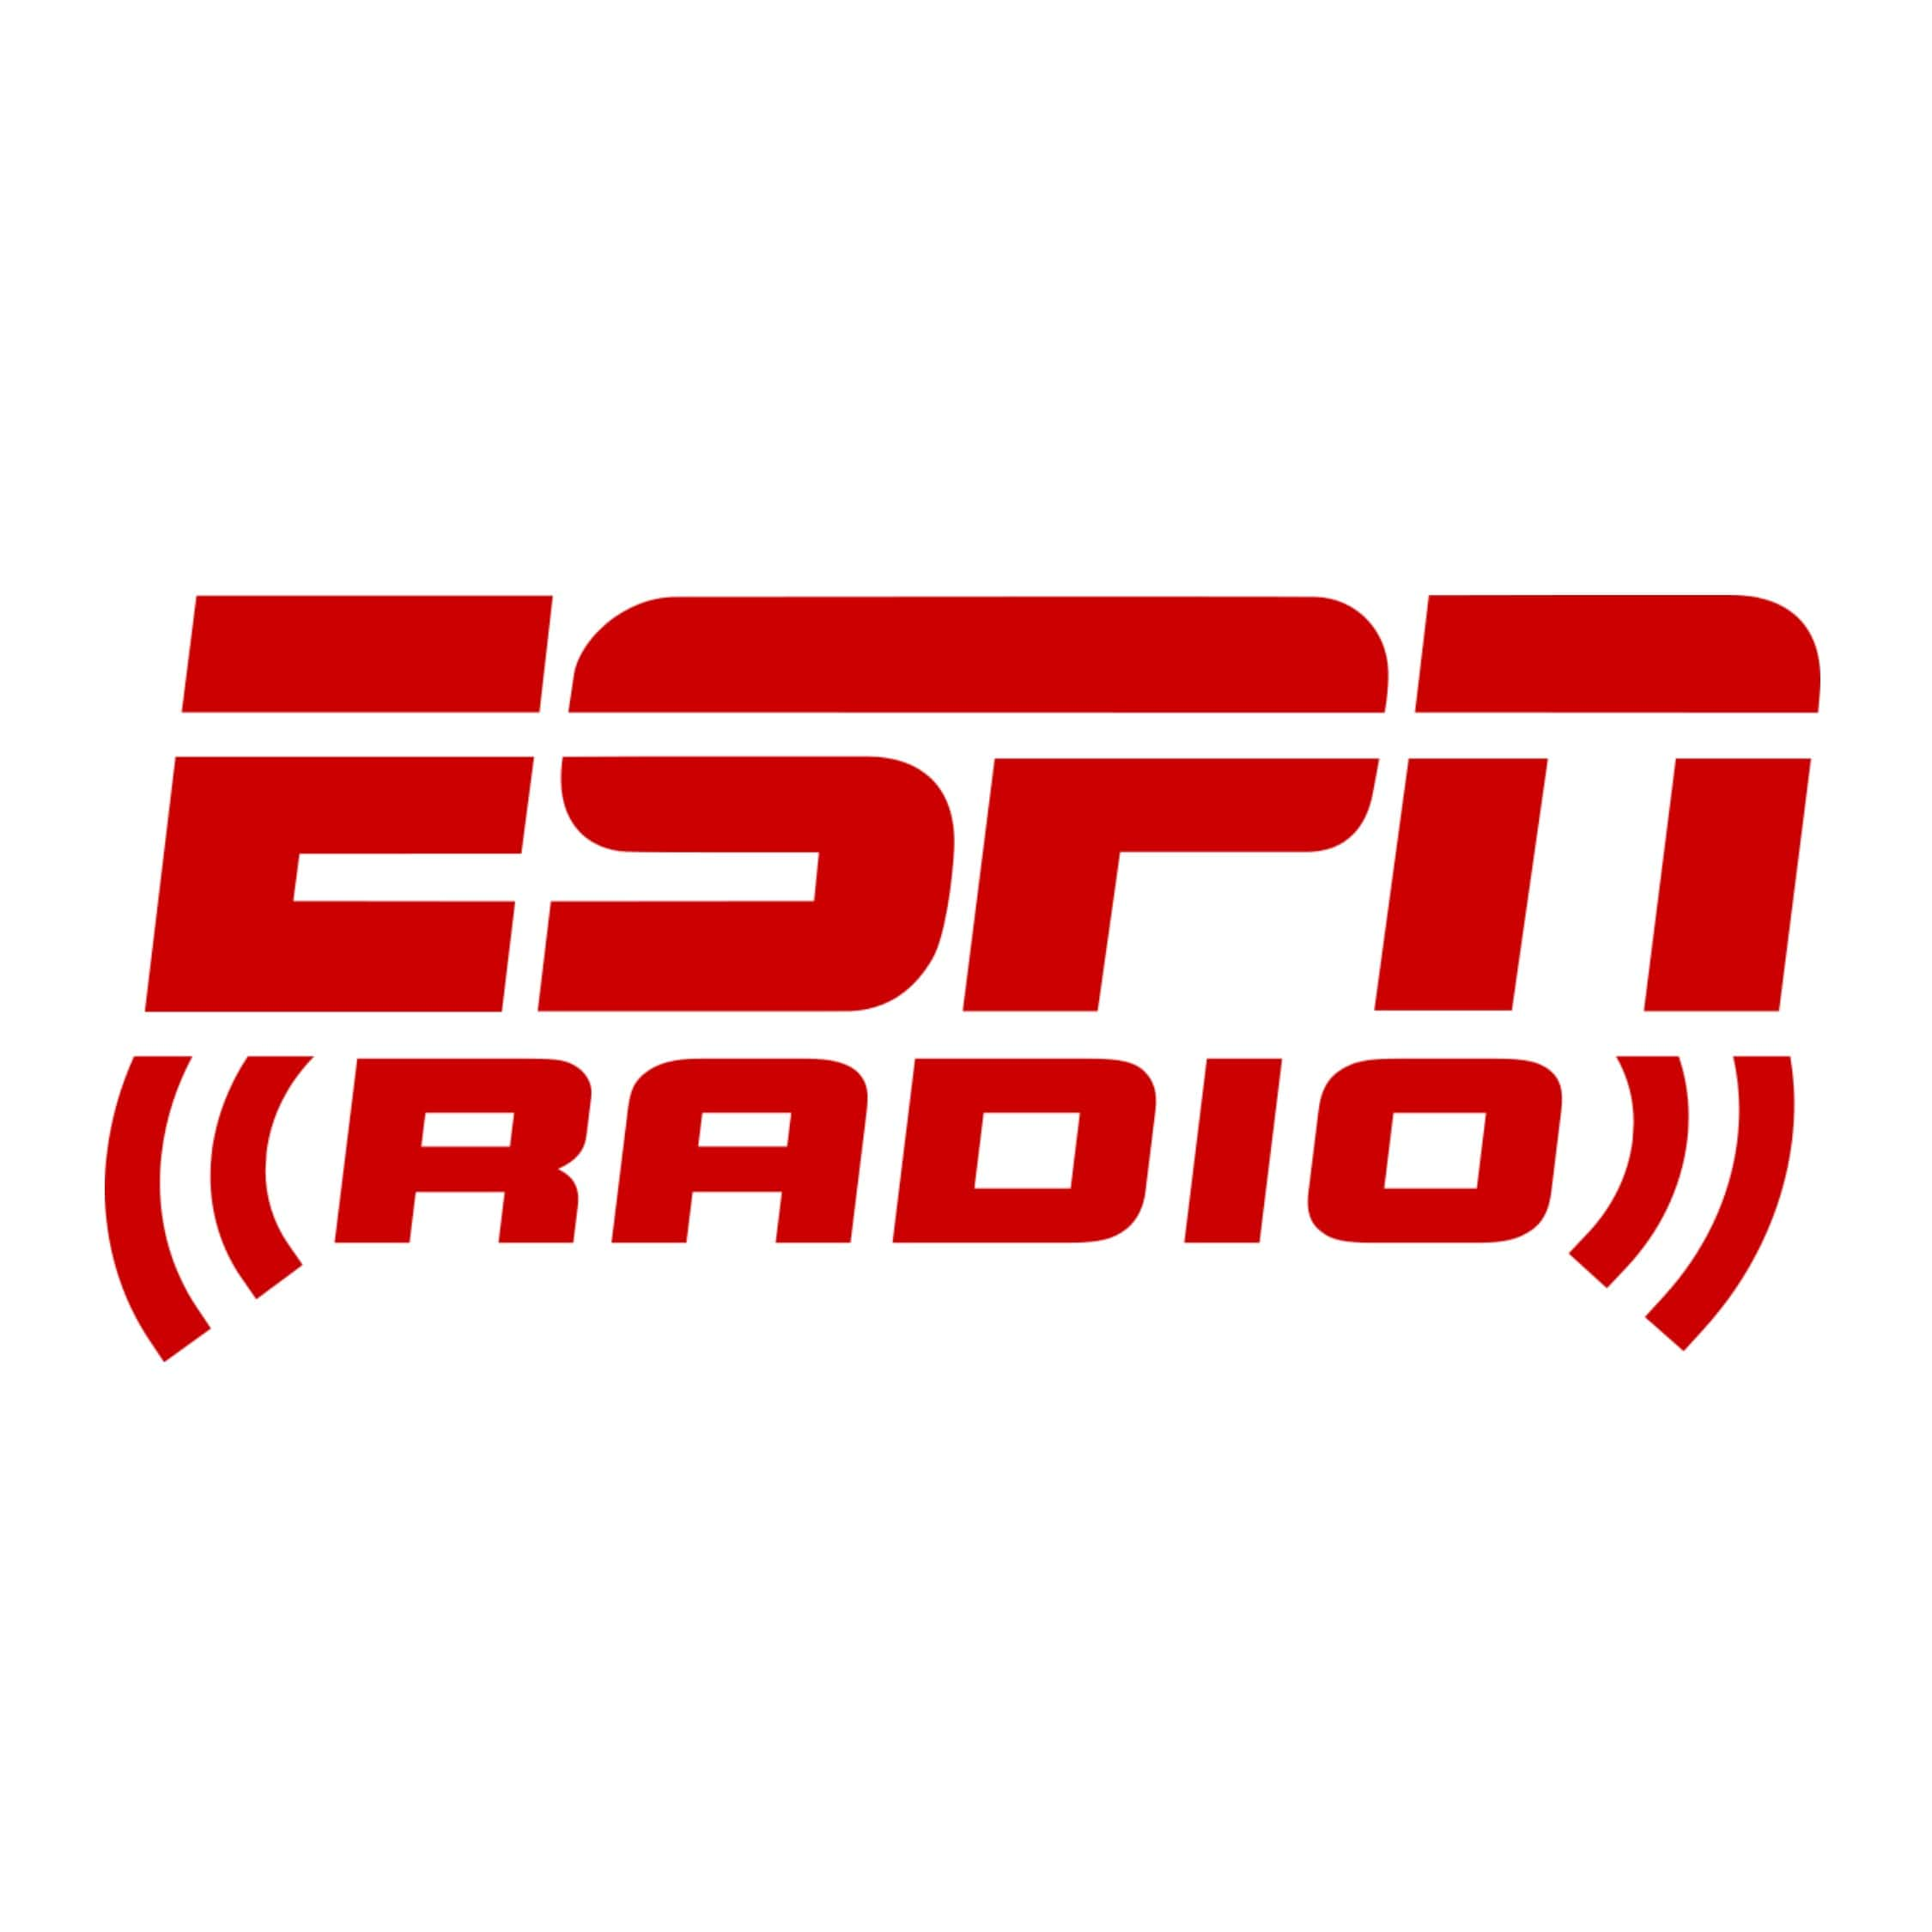 Espn Radio Logo The Fan 97 1 Fm